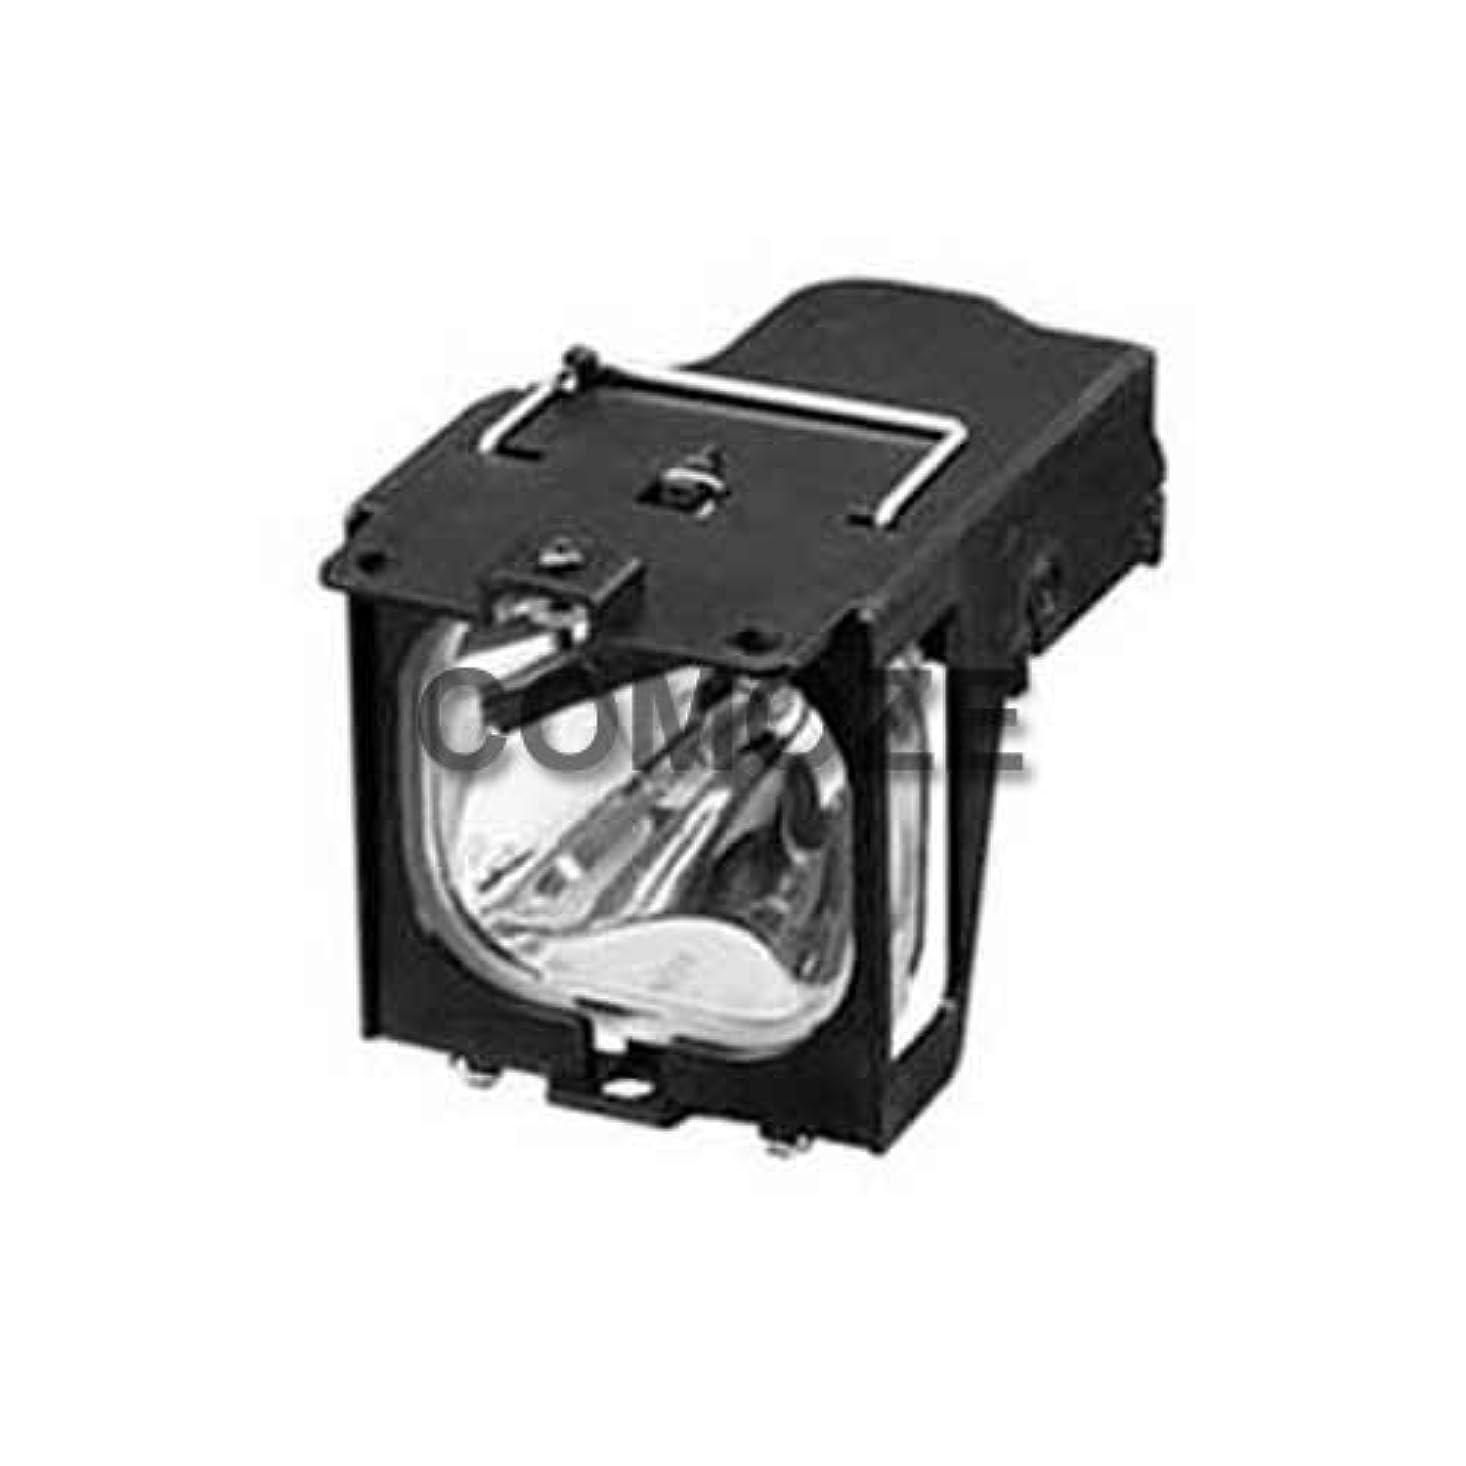 扱う怠な気分が良いComoze ランプ ソニー vpl-s600m プロジェクター用 ハウジング付き